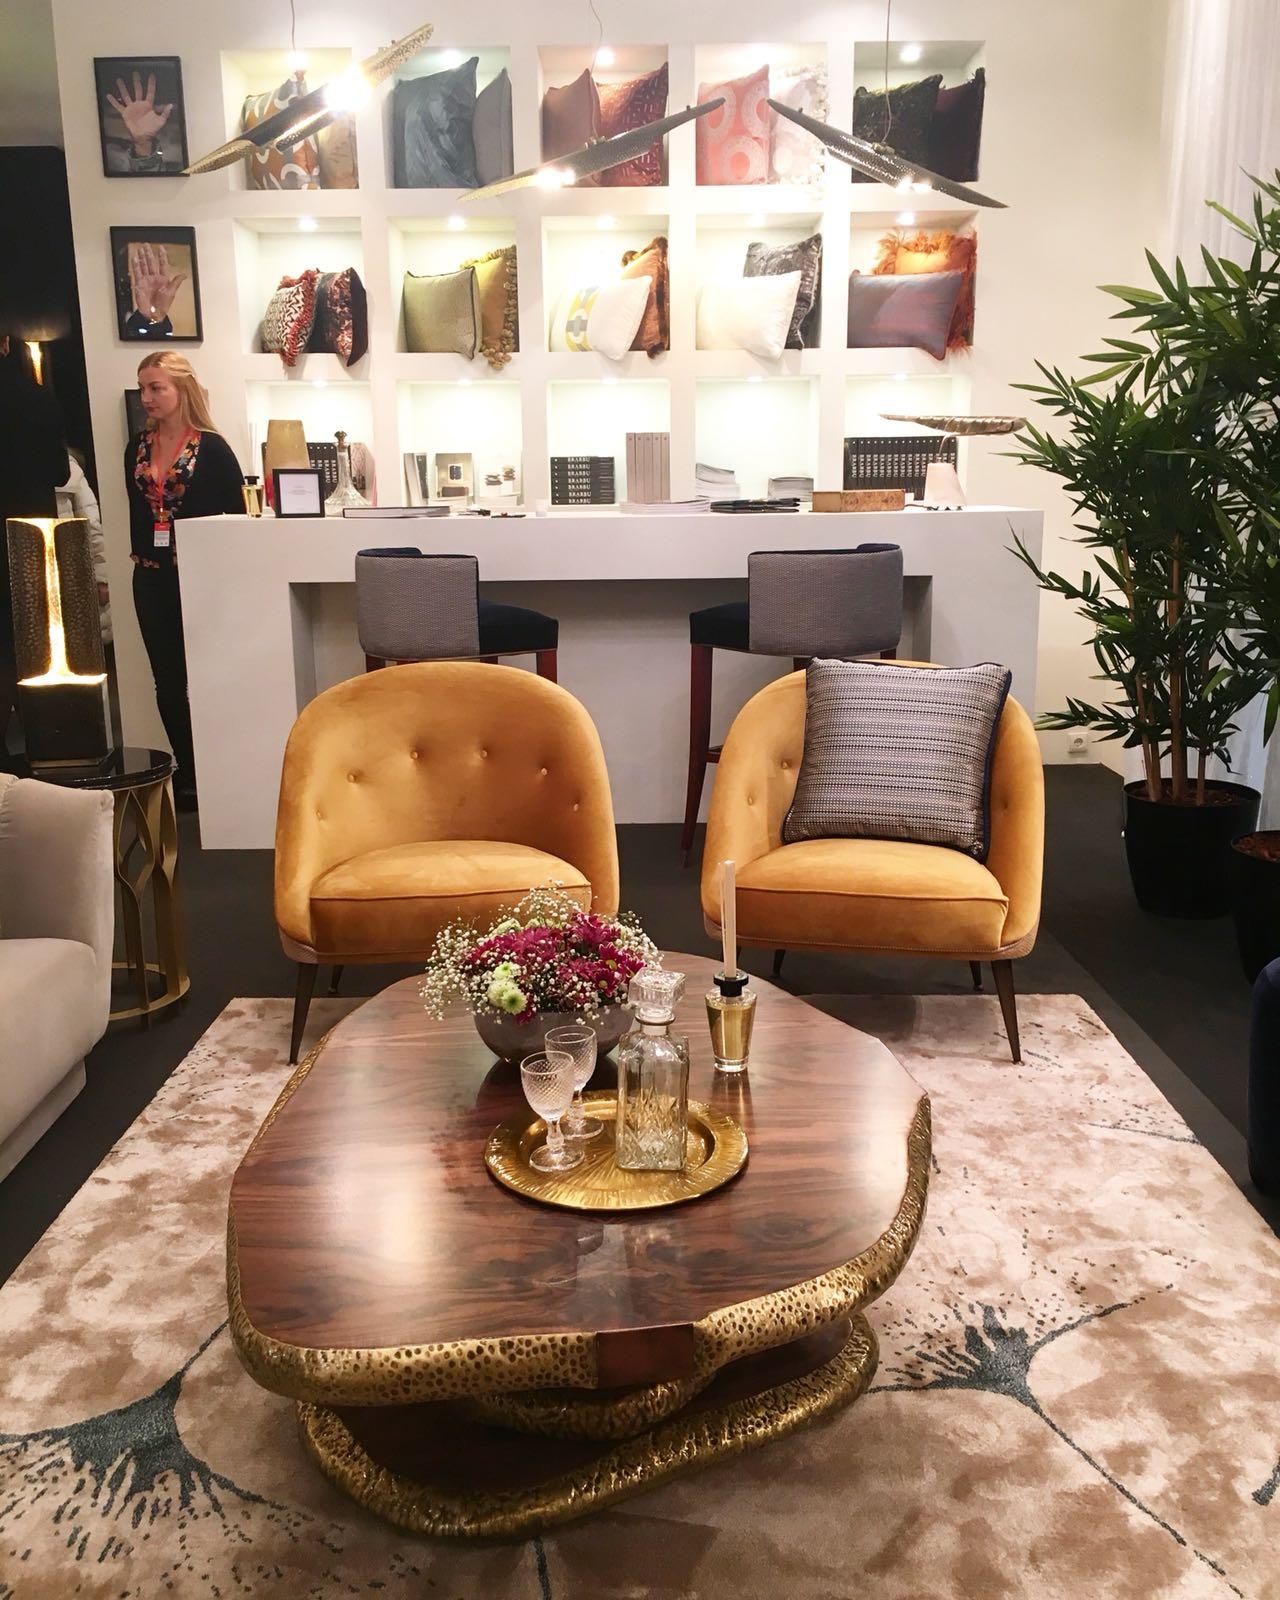 DISCOVER BRABBU APARTMENT AT SALONE DEL MOBILE salone del mobile 2018 Discover Brabbu Apartment At Salone Del Mobile 2018 ML 1